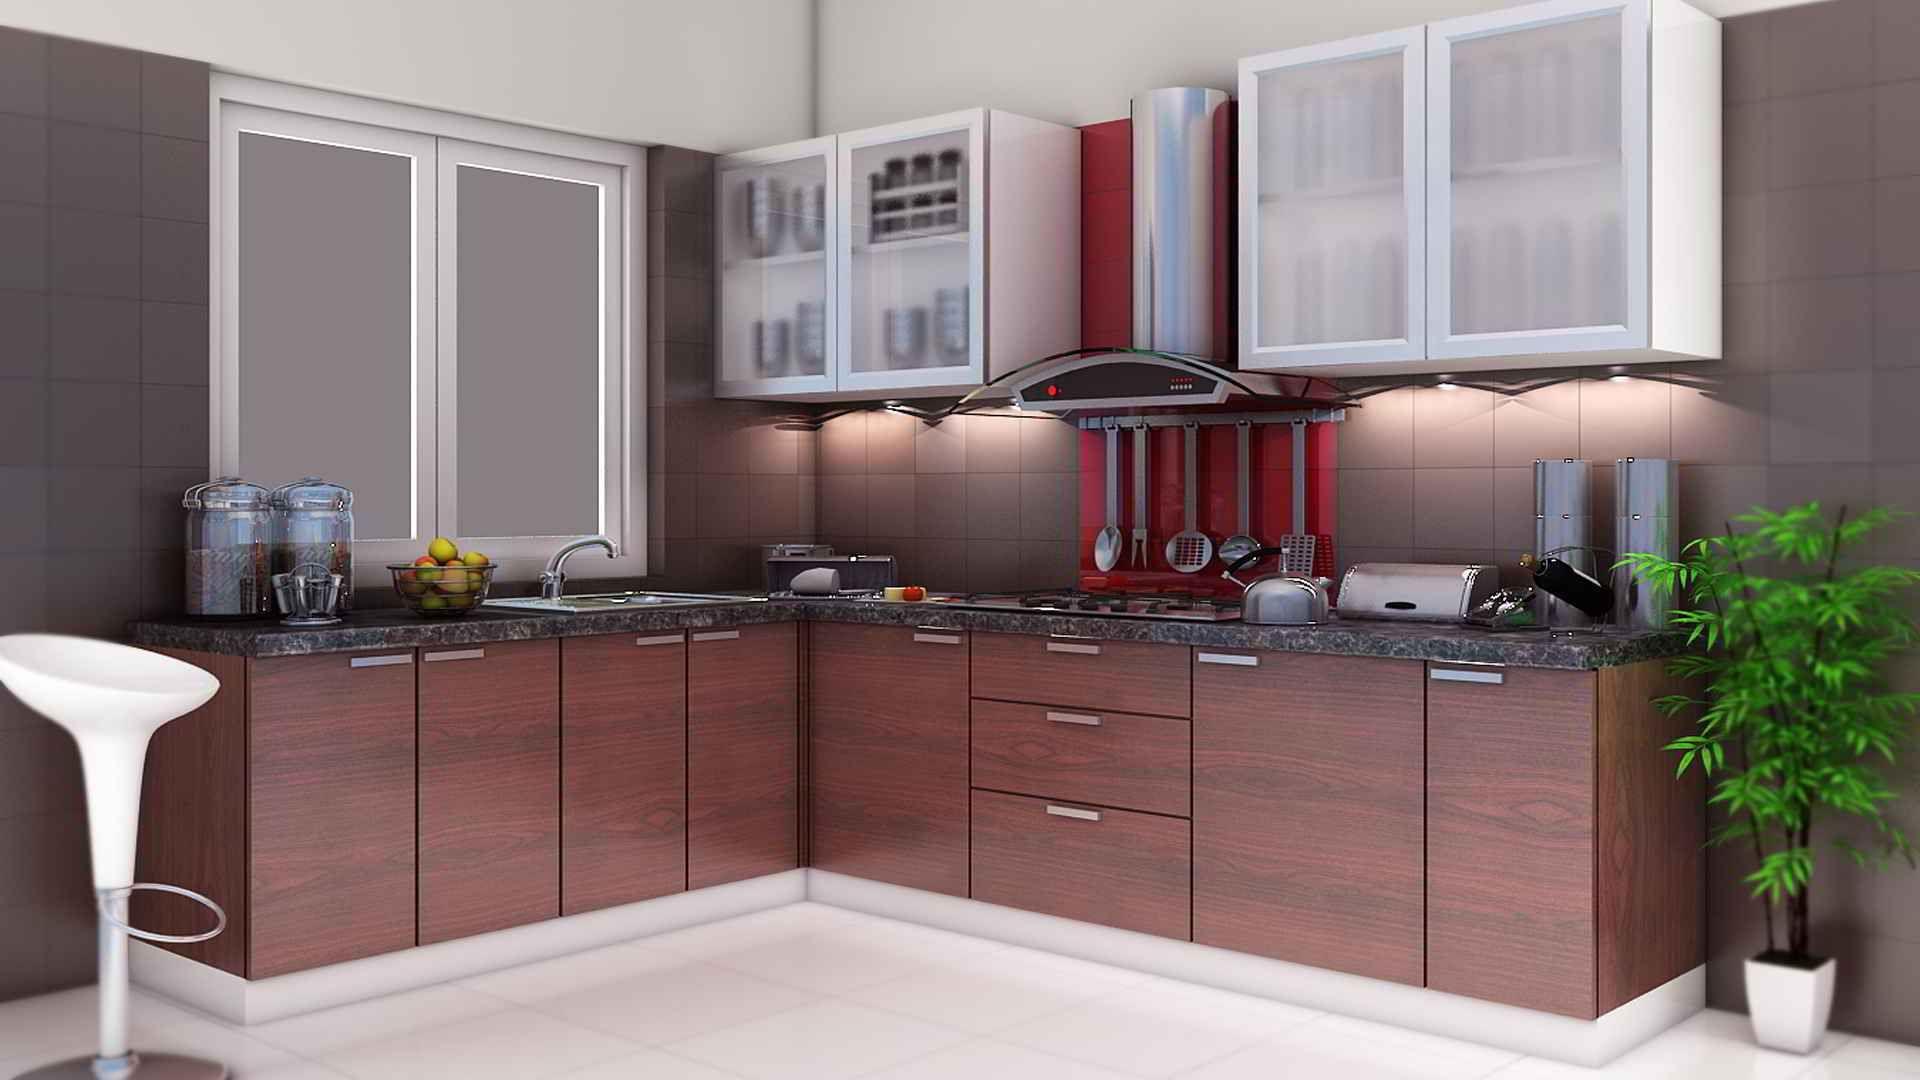 modular kitchen shape kitchen dark brown kitchen cabinets modular ...